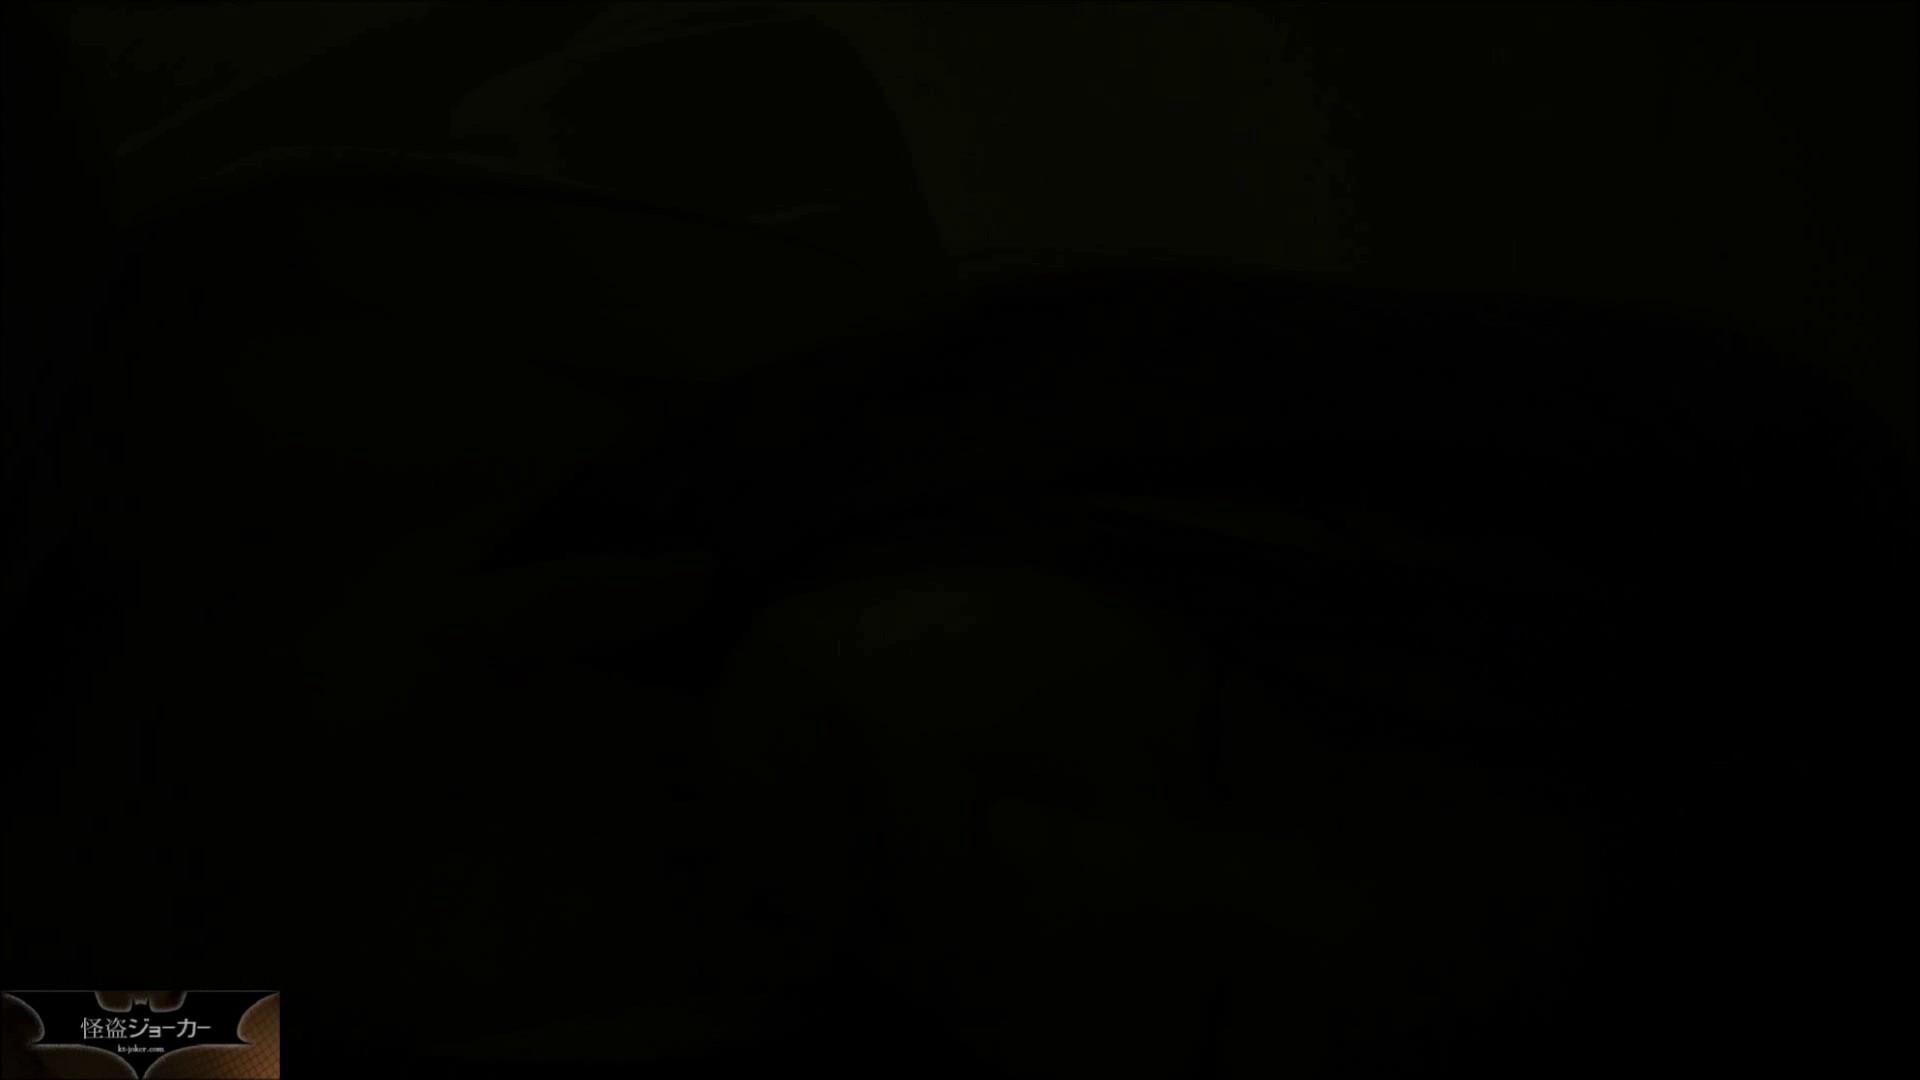 【未公開】vol.78 {関東某有名お嬢様JD}yuunaちゃん② 丸見えマンコ   フェラ  111画像 61